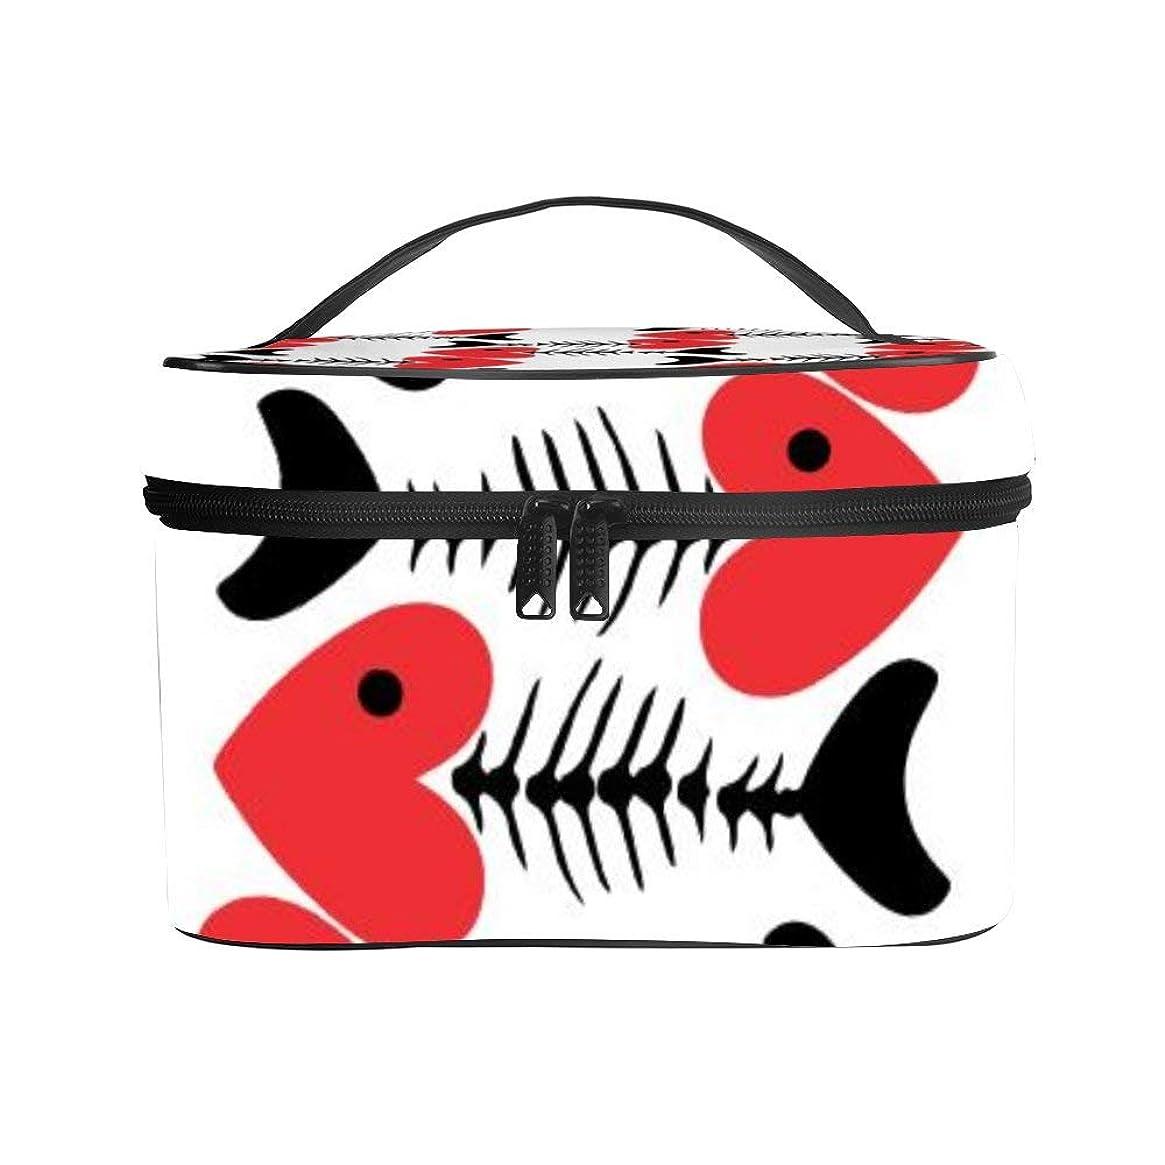 迅速簡単なつらいレディース メイクボックス コスメボックス 魚の骨 ハート 化粧ポーチ メイクブラシバッグ 収納ケース? トイレタリーバッグ バスルームポーチ 洗面用具入れ 小物收納 アクセサリー収納 ハンドル付き 化粧道具 出張 海外 旅行グッズ 機能的 大容量